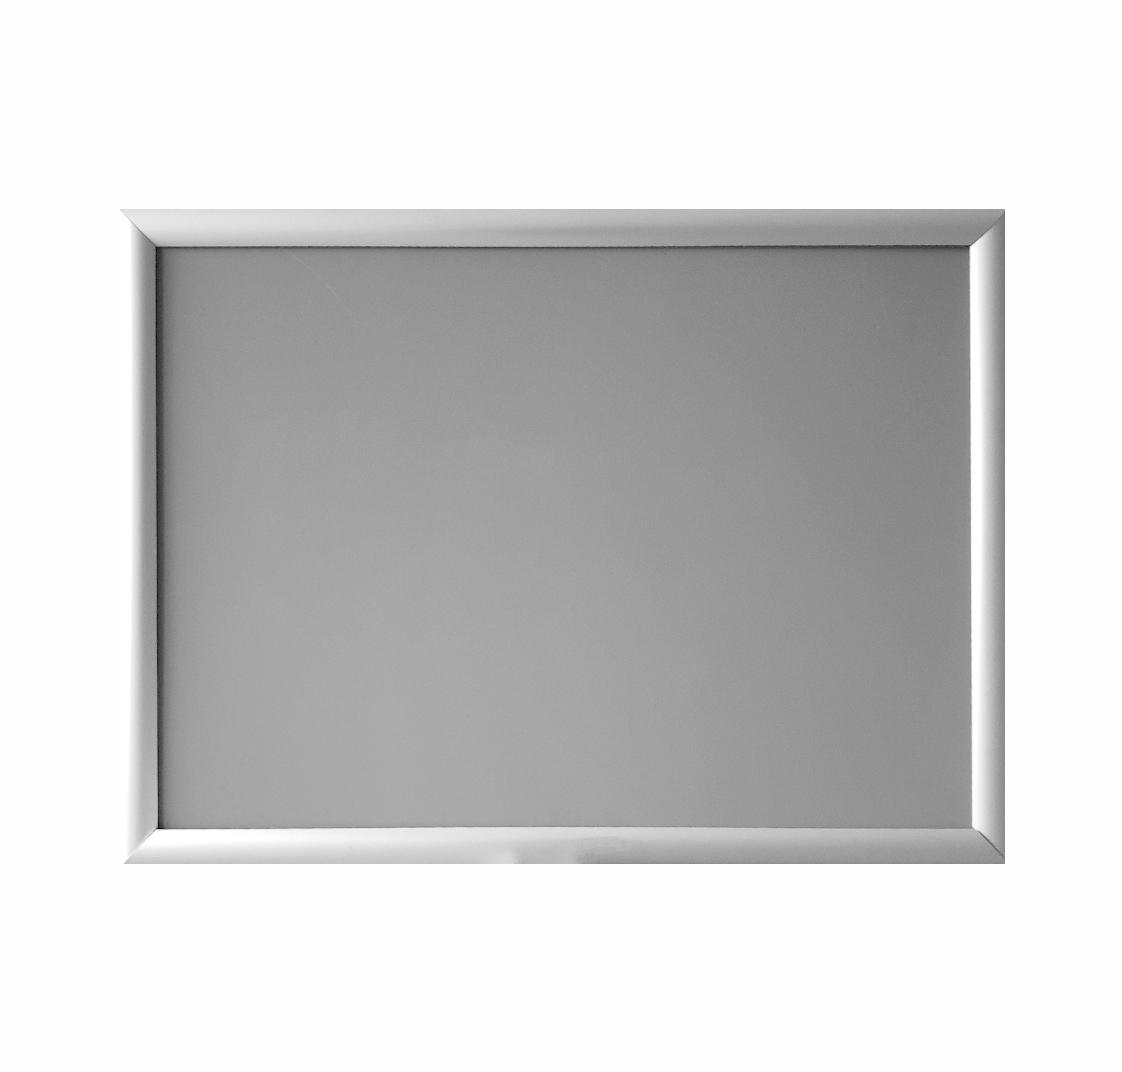 Ramka OWZ A2 aluminiowa + folia ochronna + kołki